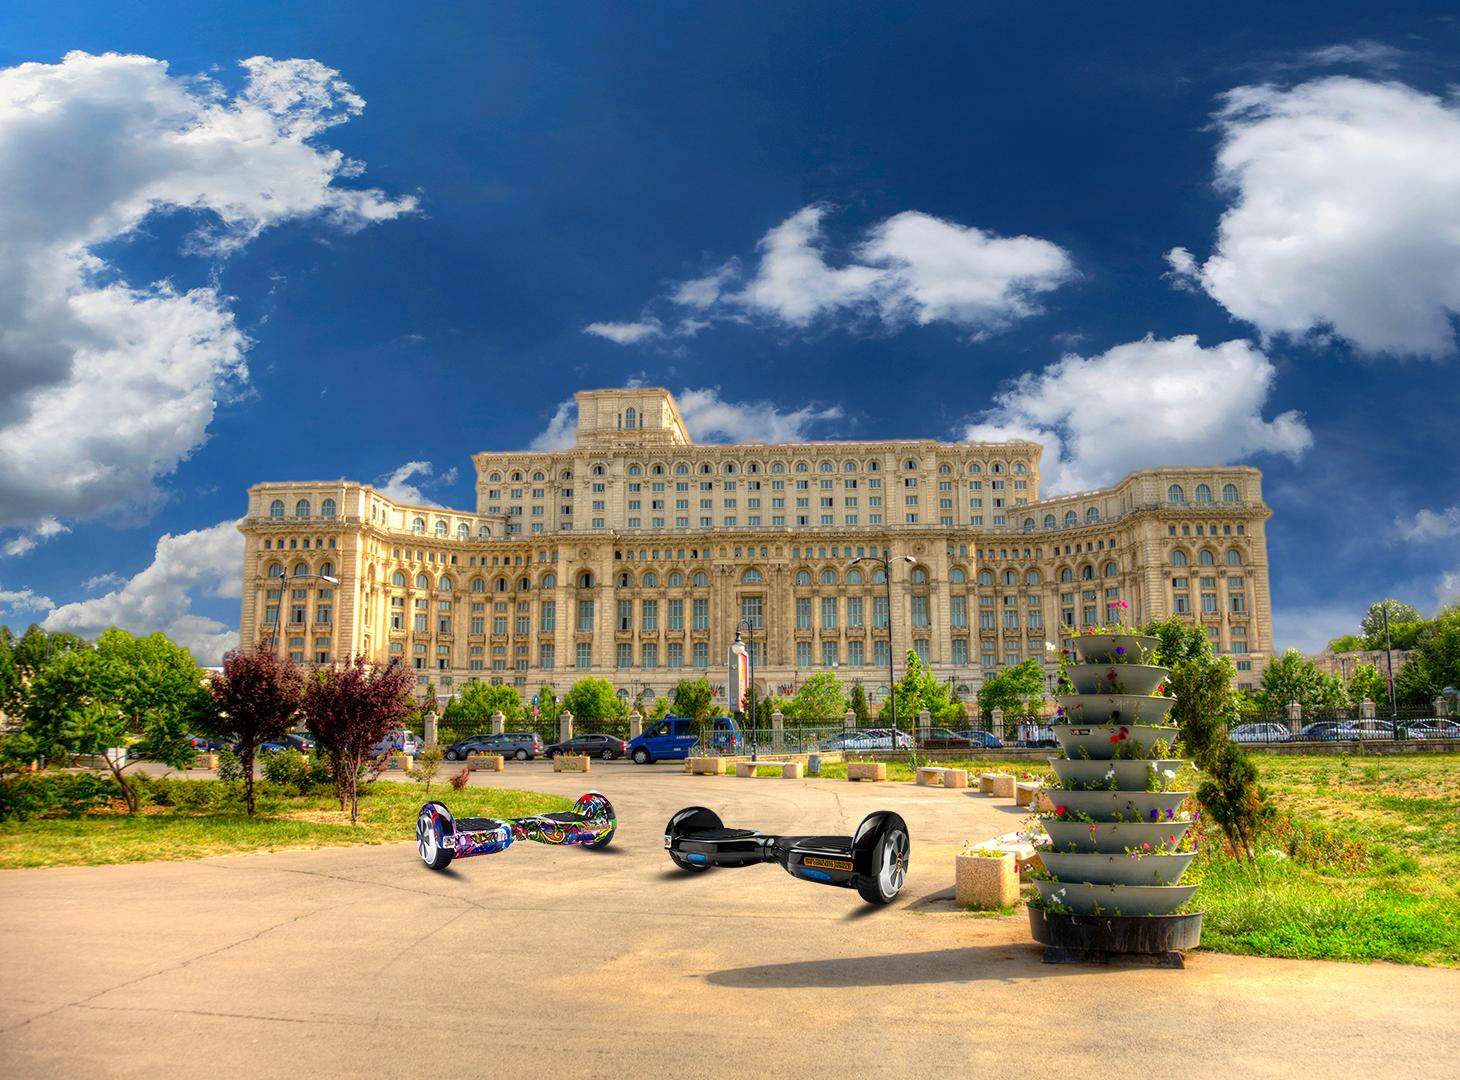 Parcuri din Capitală care te așteaptă pe hoverboard în 2019